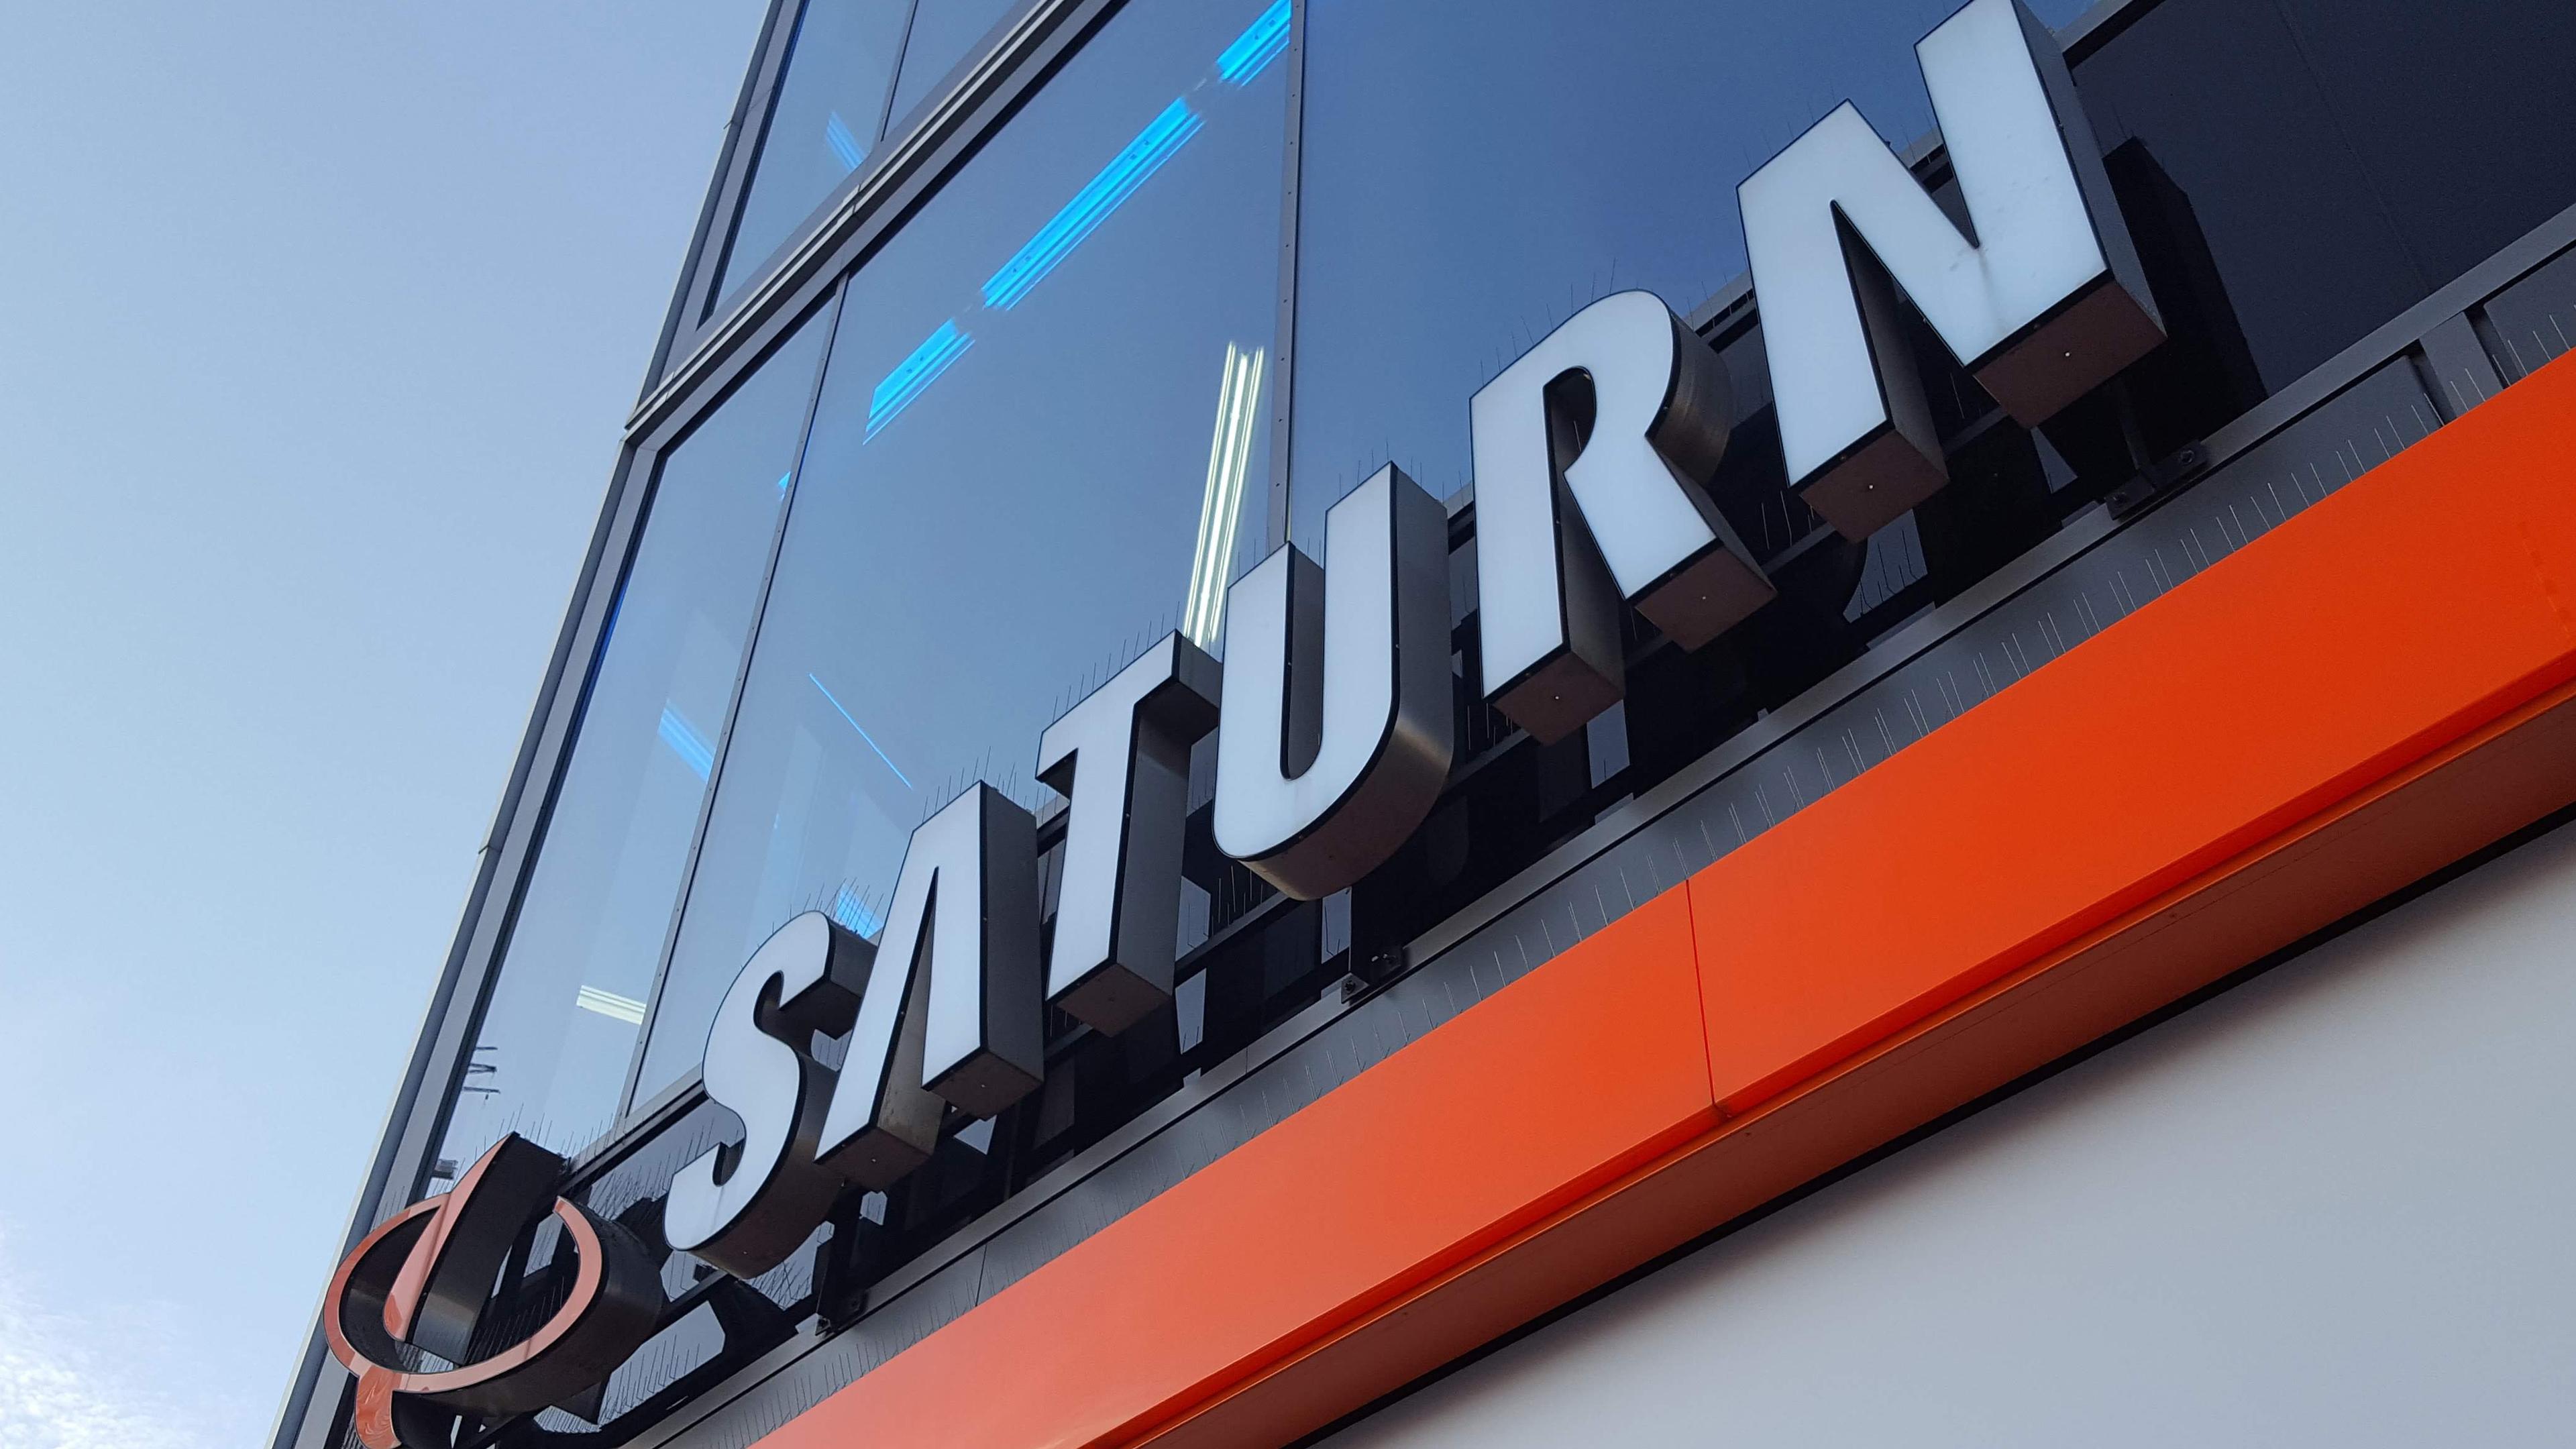 Auto Kühlschrank Saturn : Saturn ratenzahlung bedingungen ablauf und tipps zur anzahlung